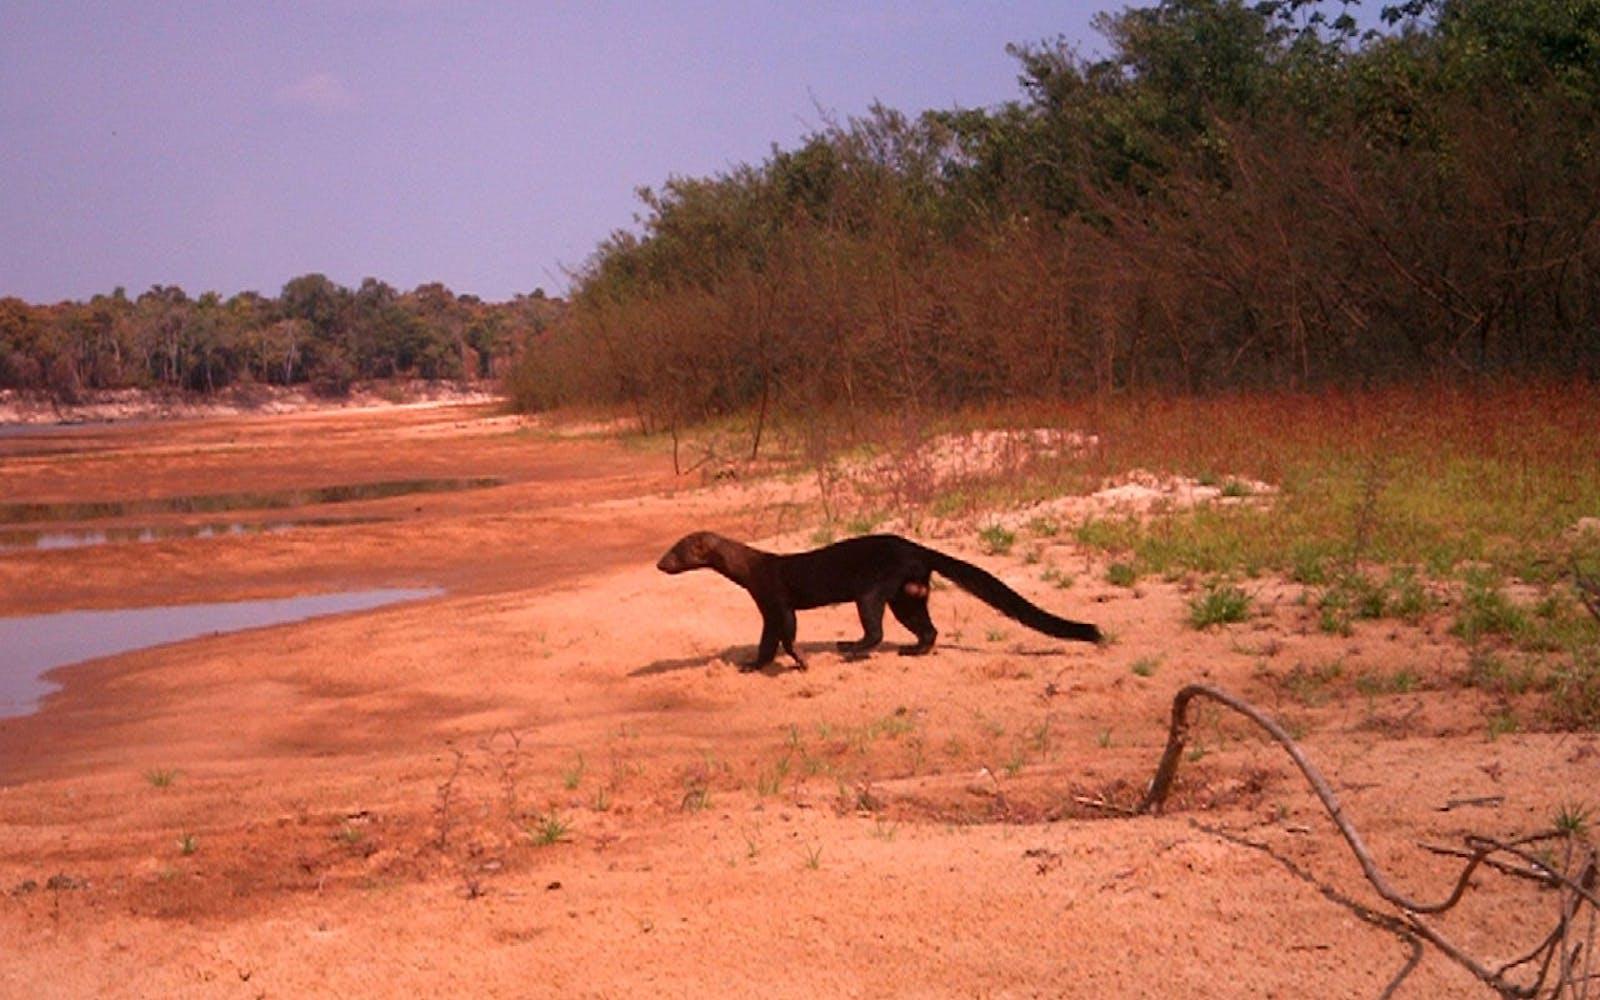 Xingu-Tocantins-Araguaia Moist Forests